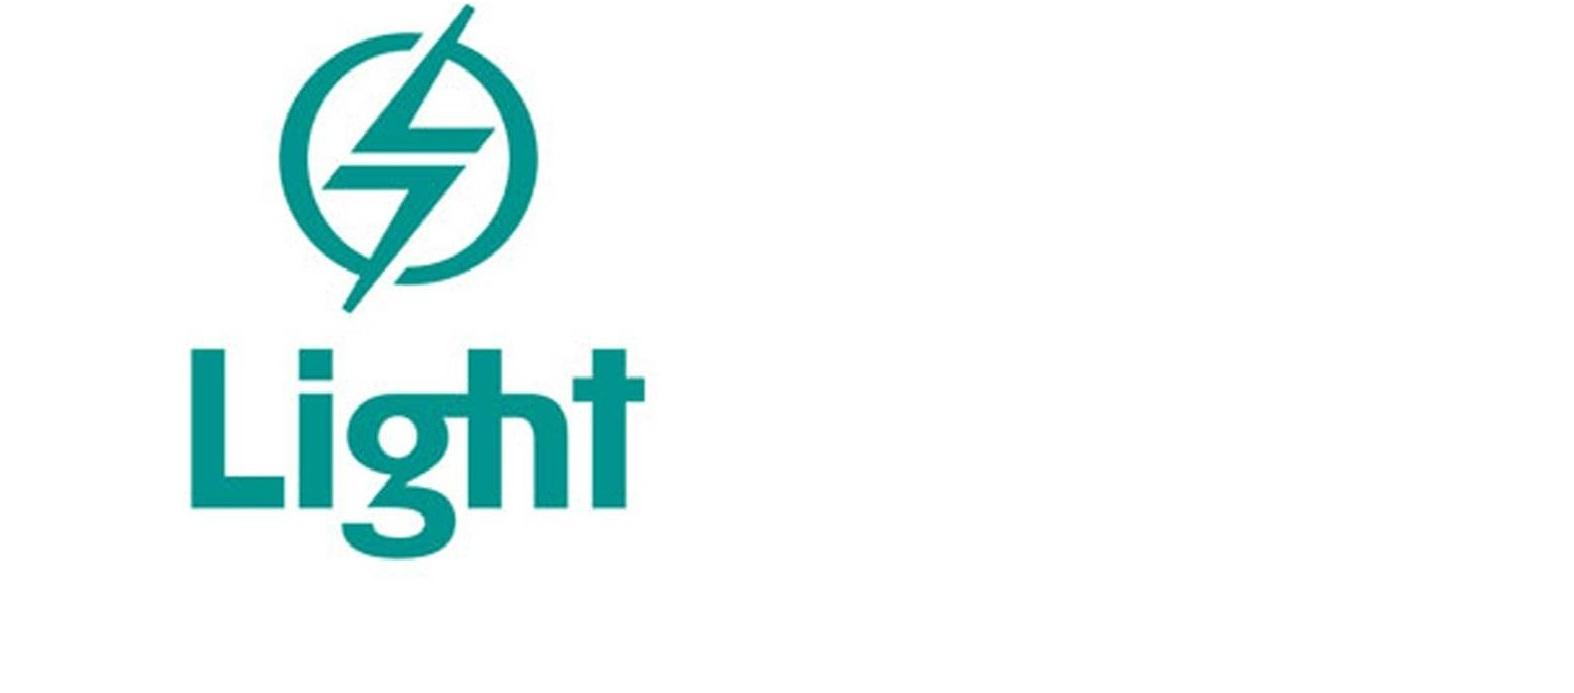 Light150_1519243188.48.jpg